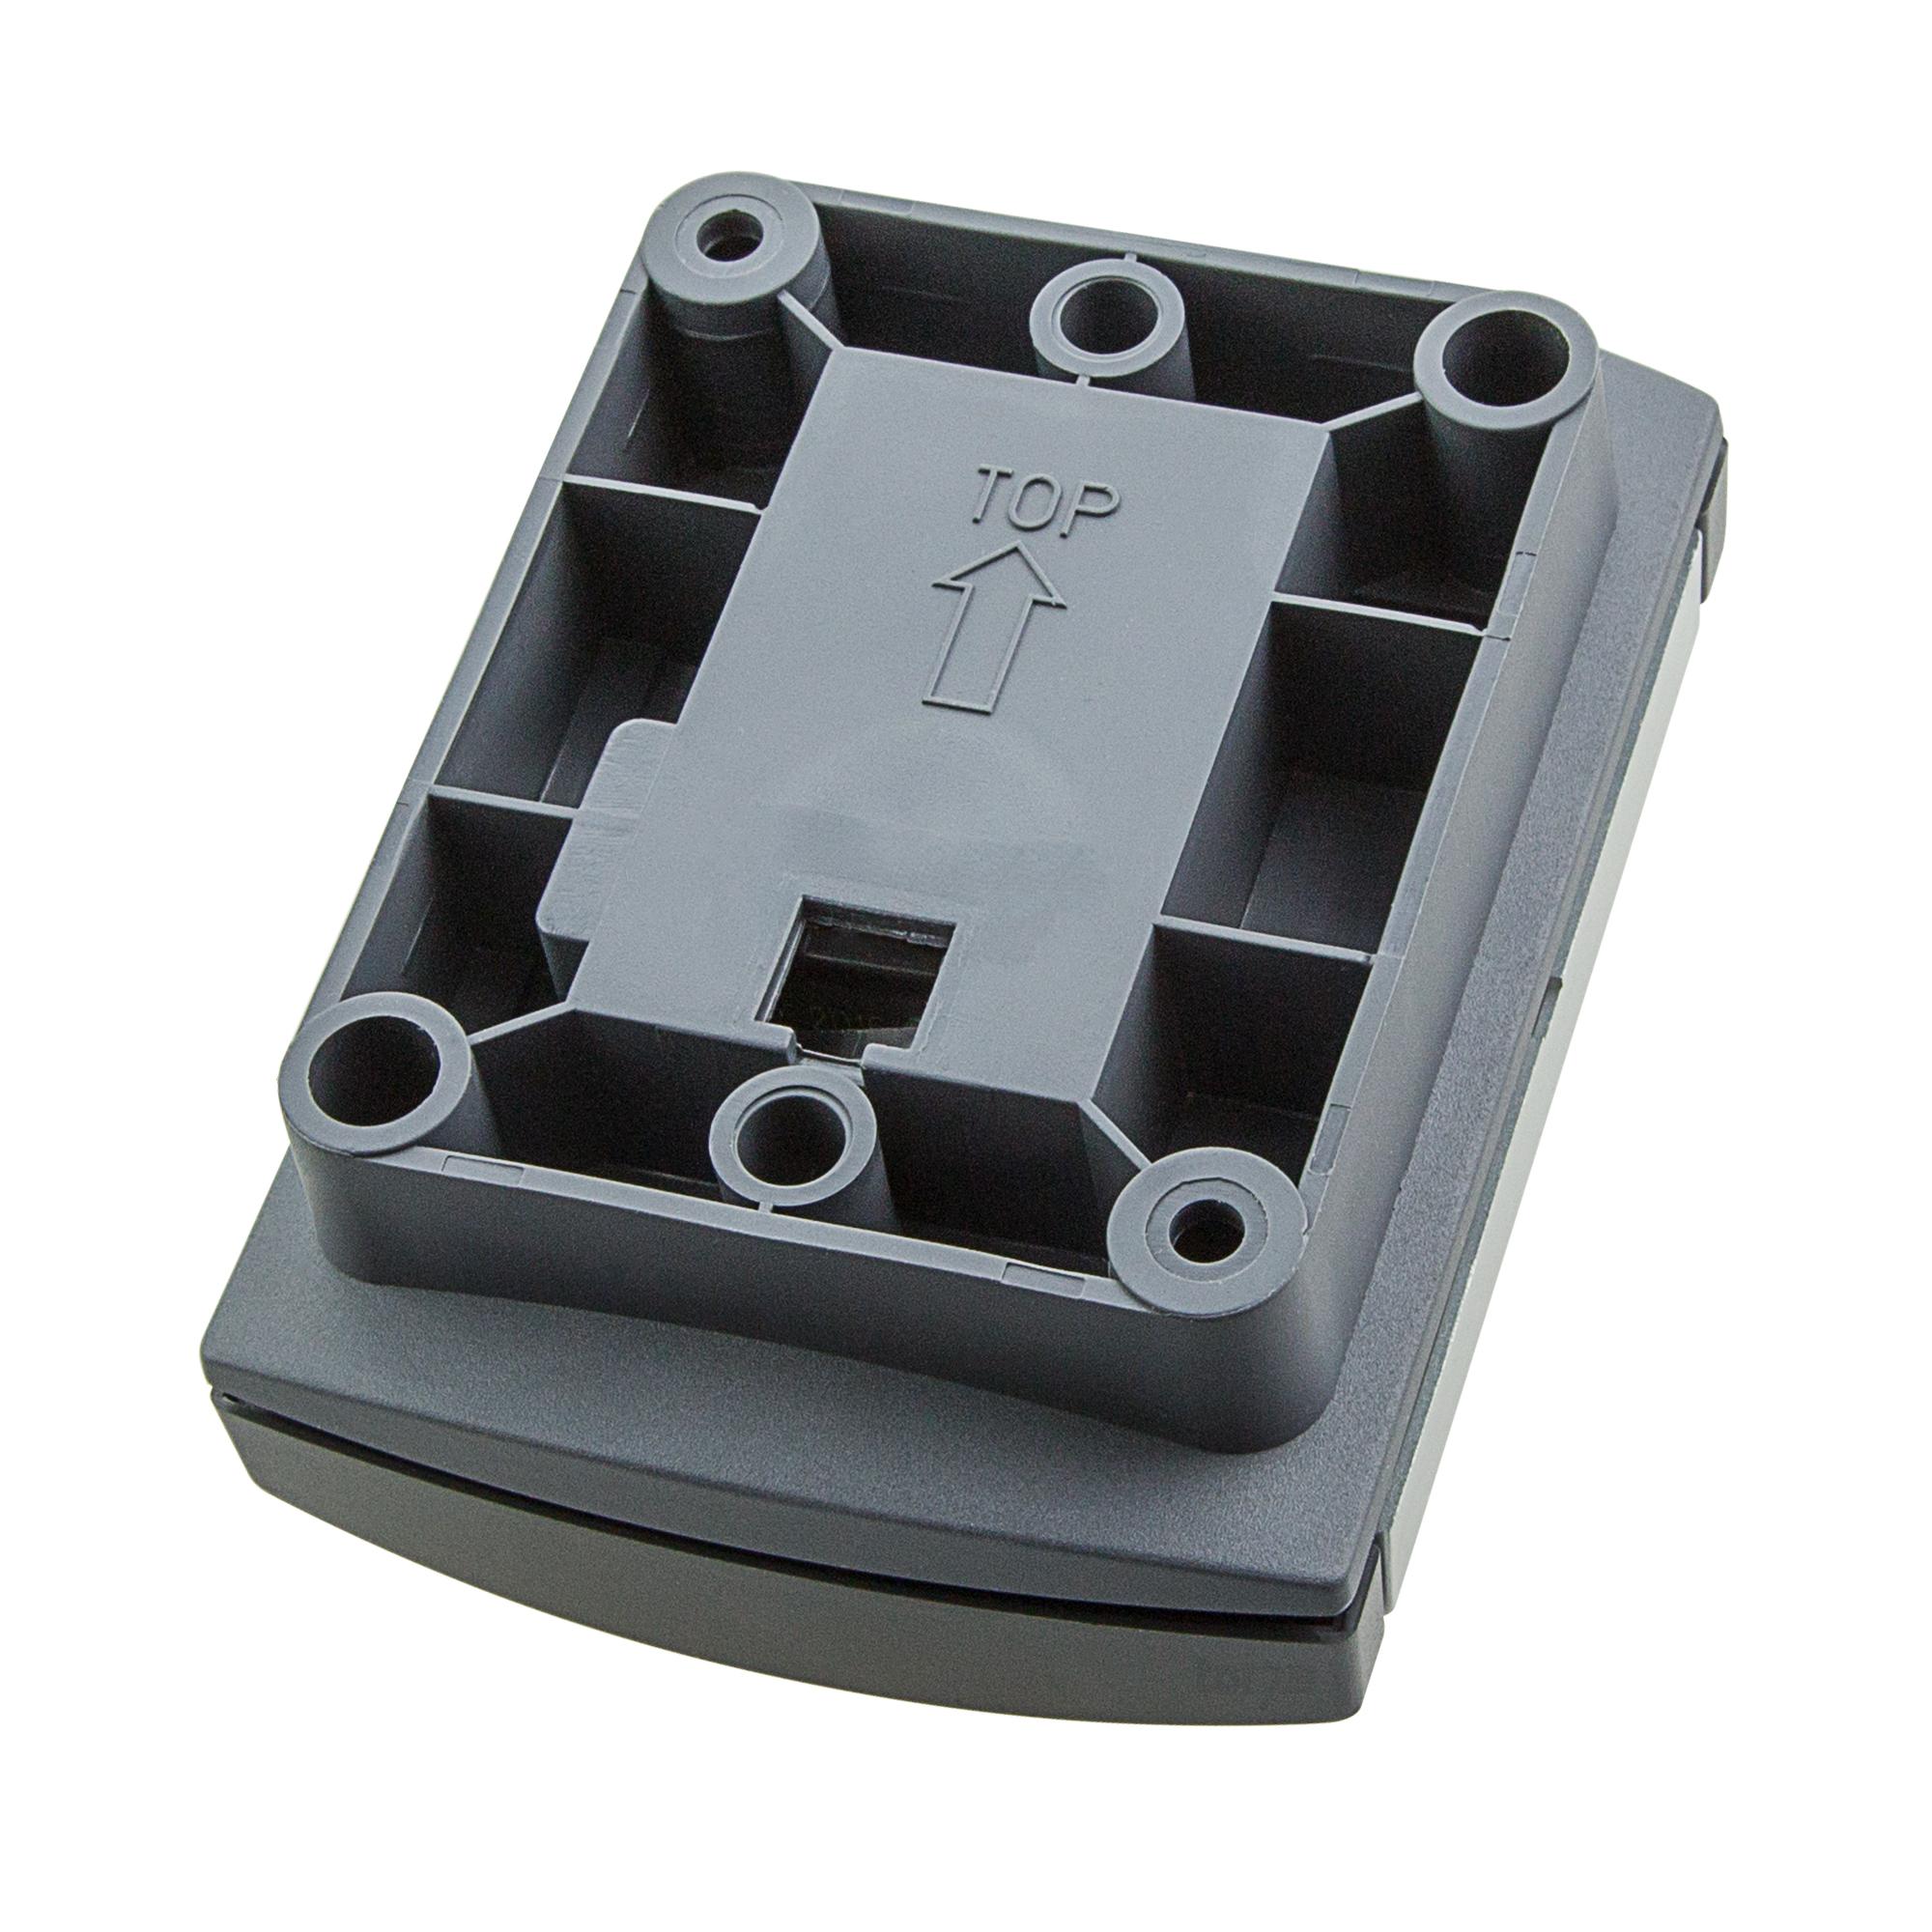 h rmann funk codetaster fct 10 40 mhz ebay. Black Bedroom Furniture Sets. Home Design Ideas